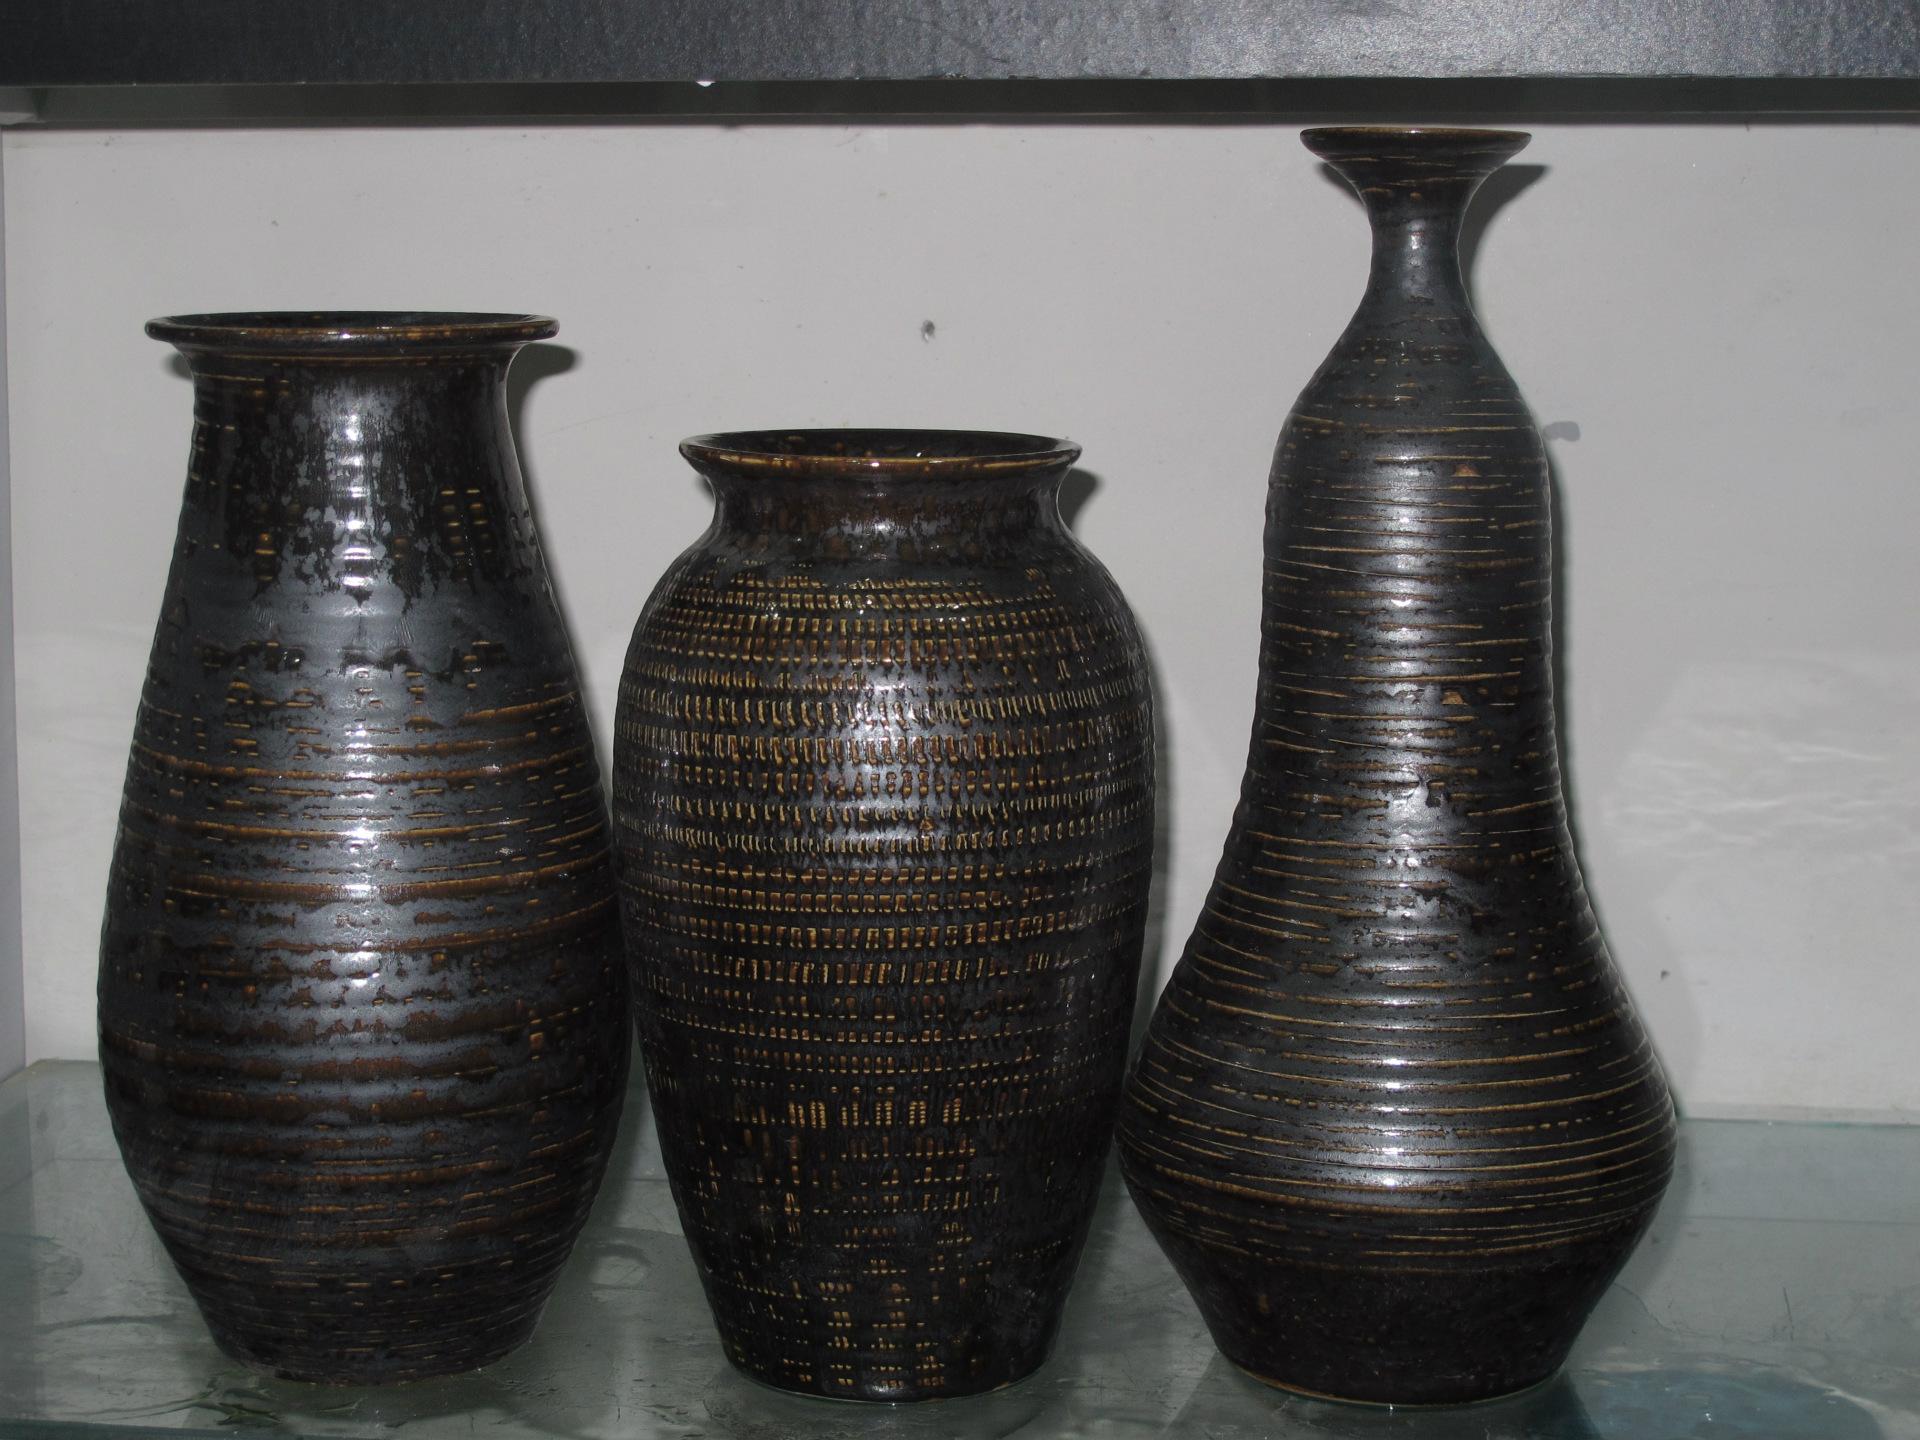 在国外,瓷器、景德镇与中国是一个概念,可见中国的瓷器在世界上的地位。但到了近代,我国陶瓷业与国外相比却落后了许多。近几年,由于景德镇的陶瓷艺人和艺术家们的努力,现代艺术瓷器开始被海外收藏家关注,收藏家和陶瓷爱好者开始注意到,现代艺术瓷也是个不容忽视的新的收藏热点。  现代艺术瓷器是收藏重点 一、瓷器收藏历来是国内外收藏的重头戏,但大都局限在古代瓷器和官窑陶瓷。官窑陶瓷的投资太大,并不是普通收藏家可以玩得起的;而现代艺术瓷则不然,普通中等收入的人士即可涉足。 二、官窑陶瓷由于量少,买家又多